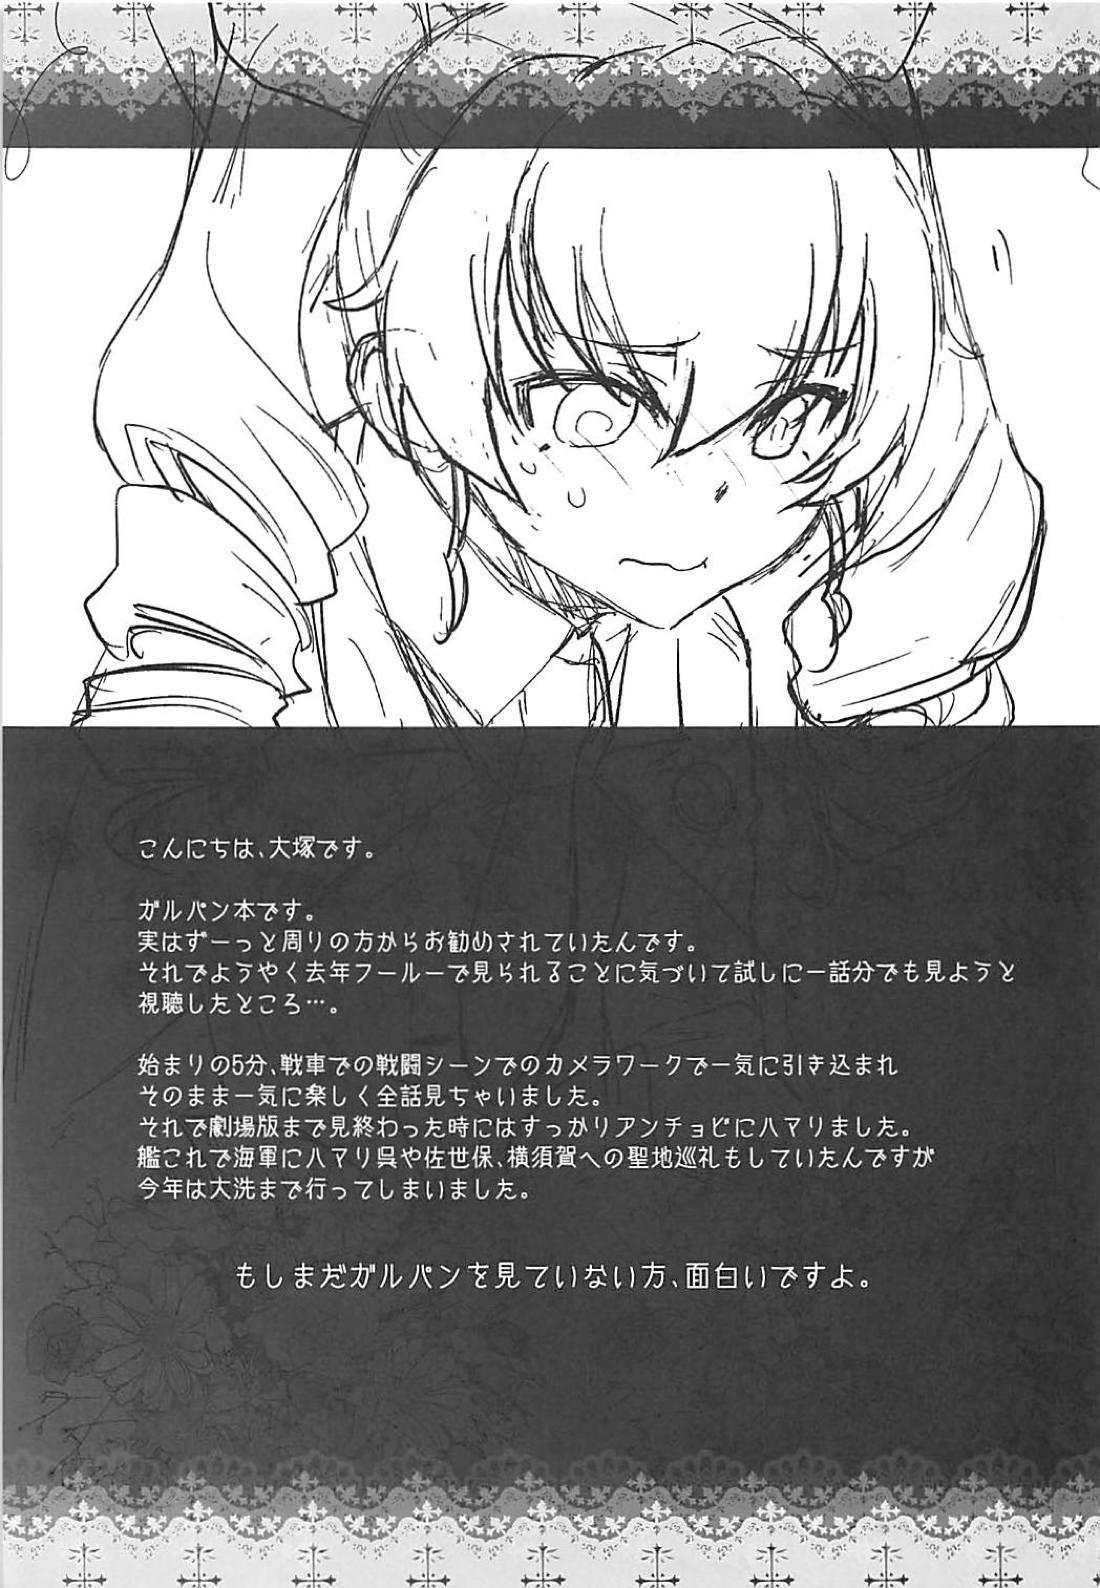 Anata ga Anchovy o Shiawase ni Suru Hon 39